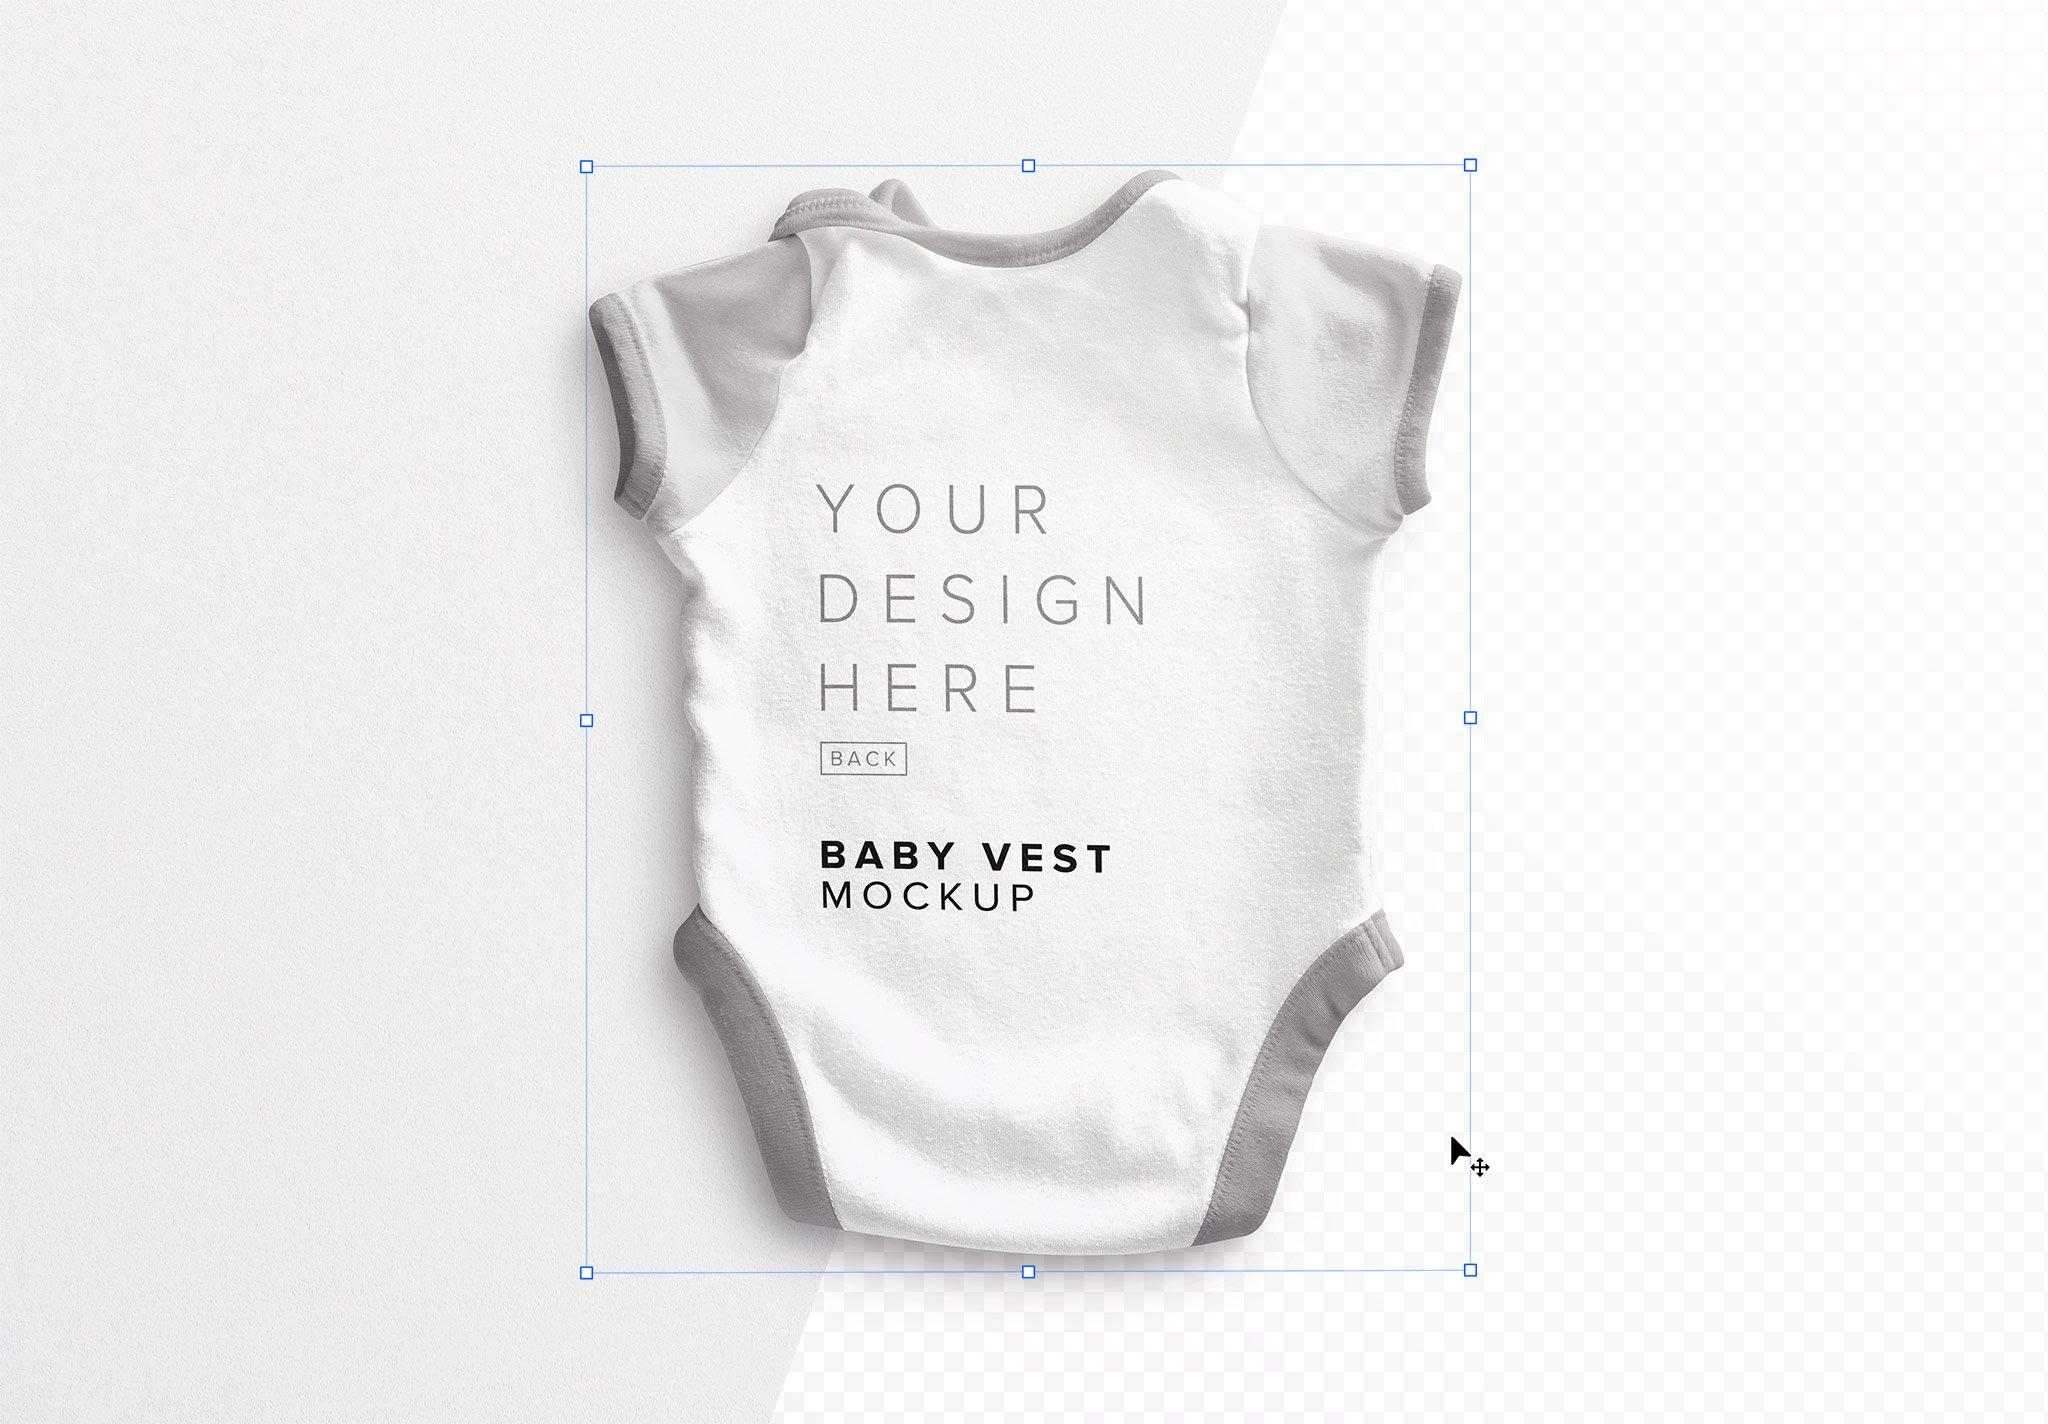 Baby Vest Back Mockup Image01